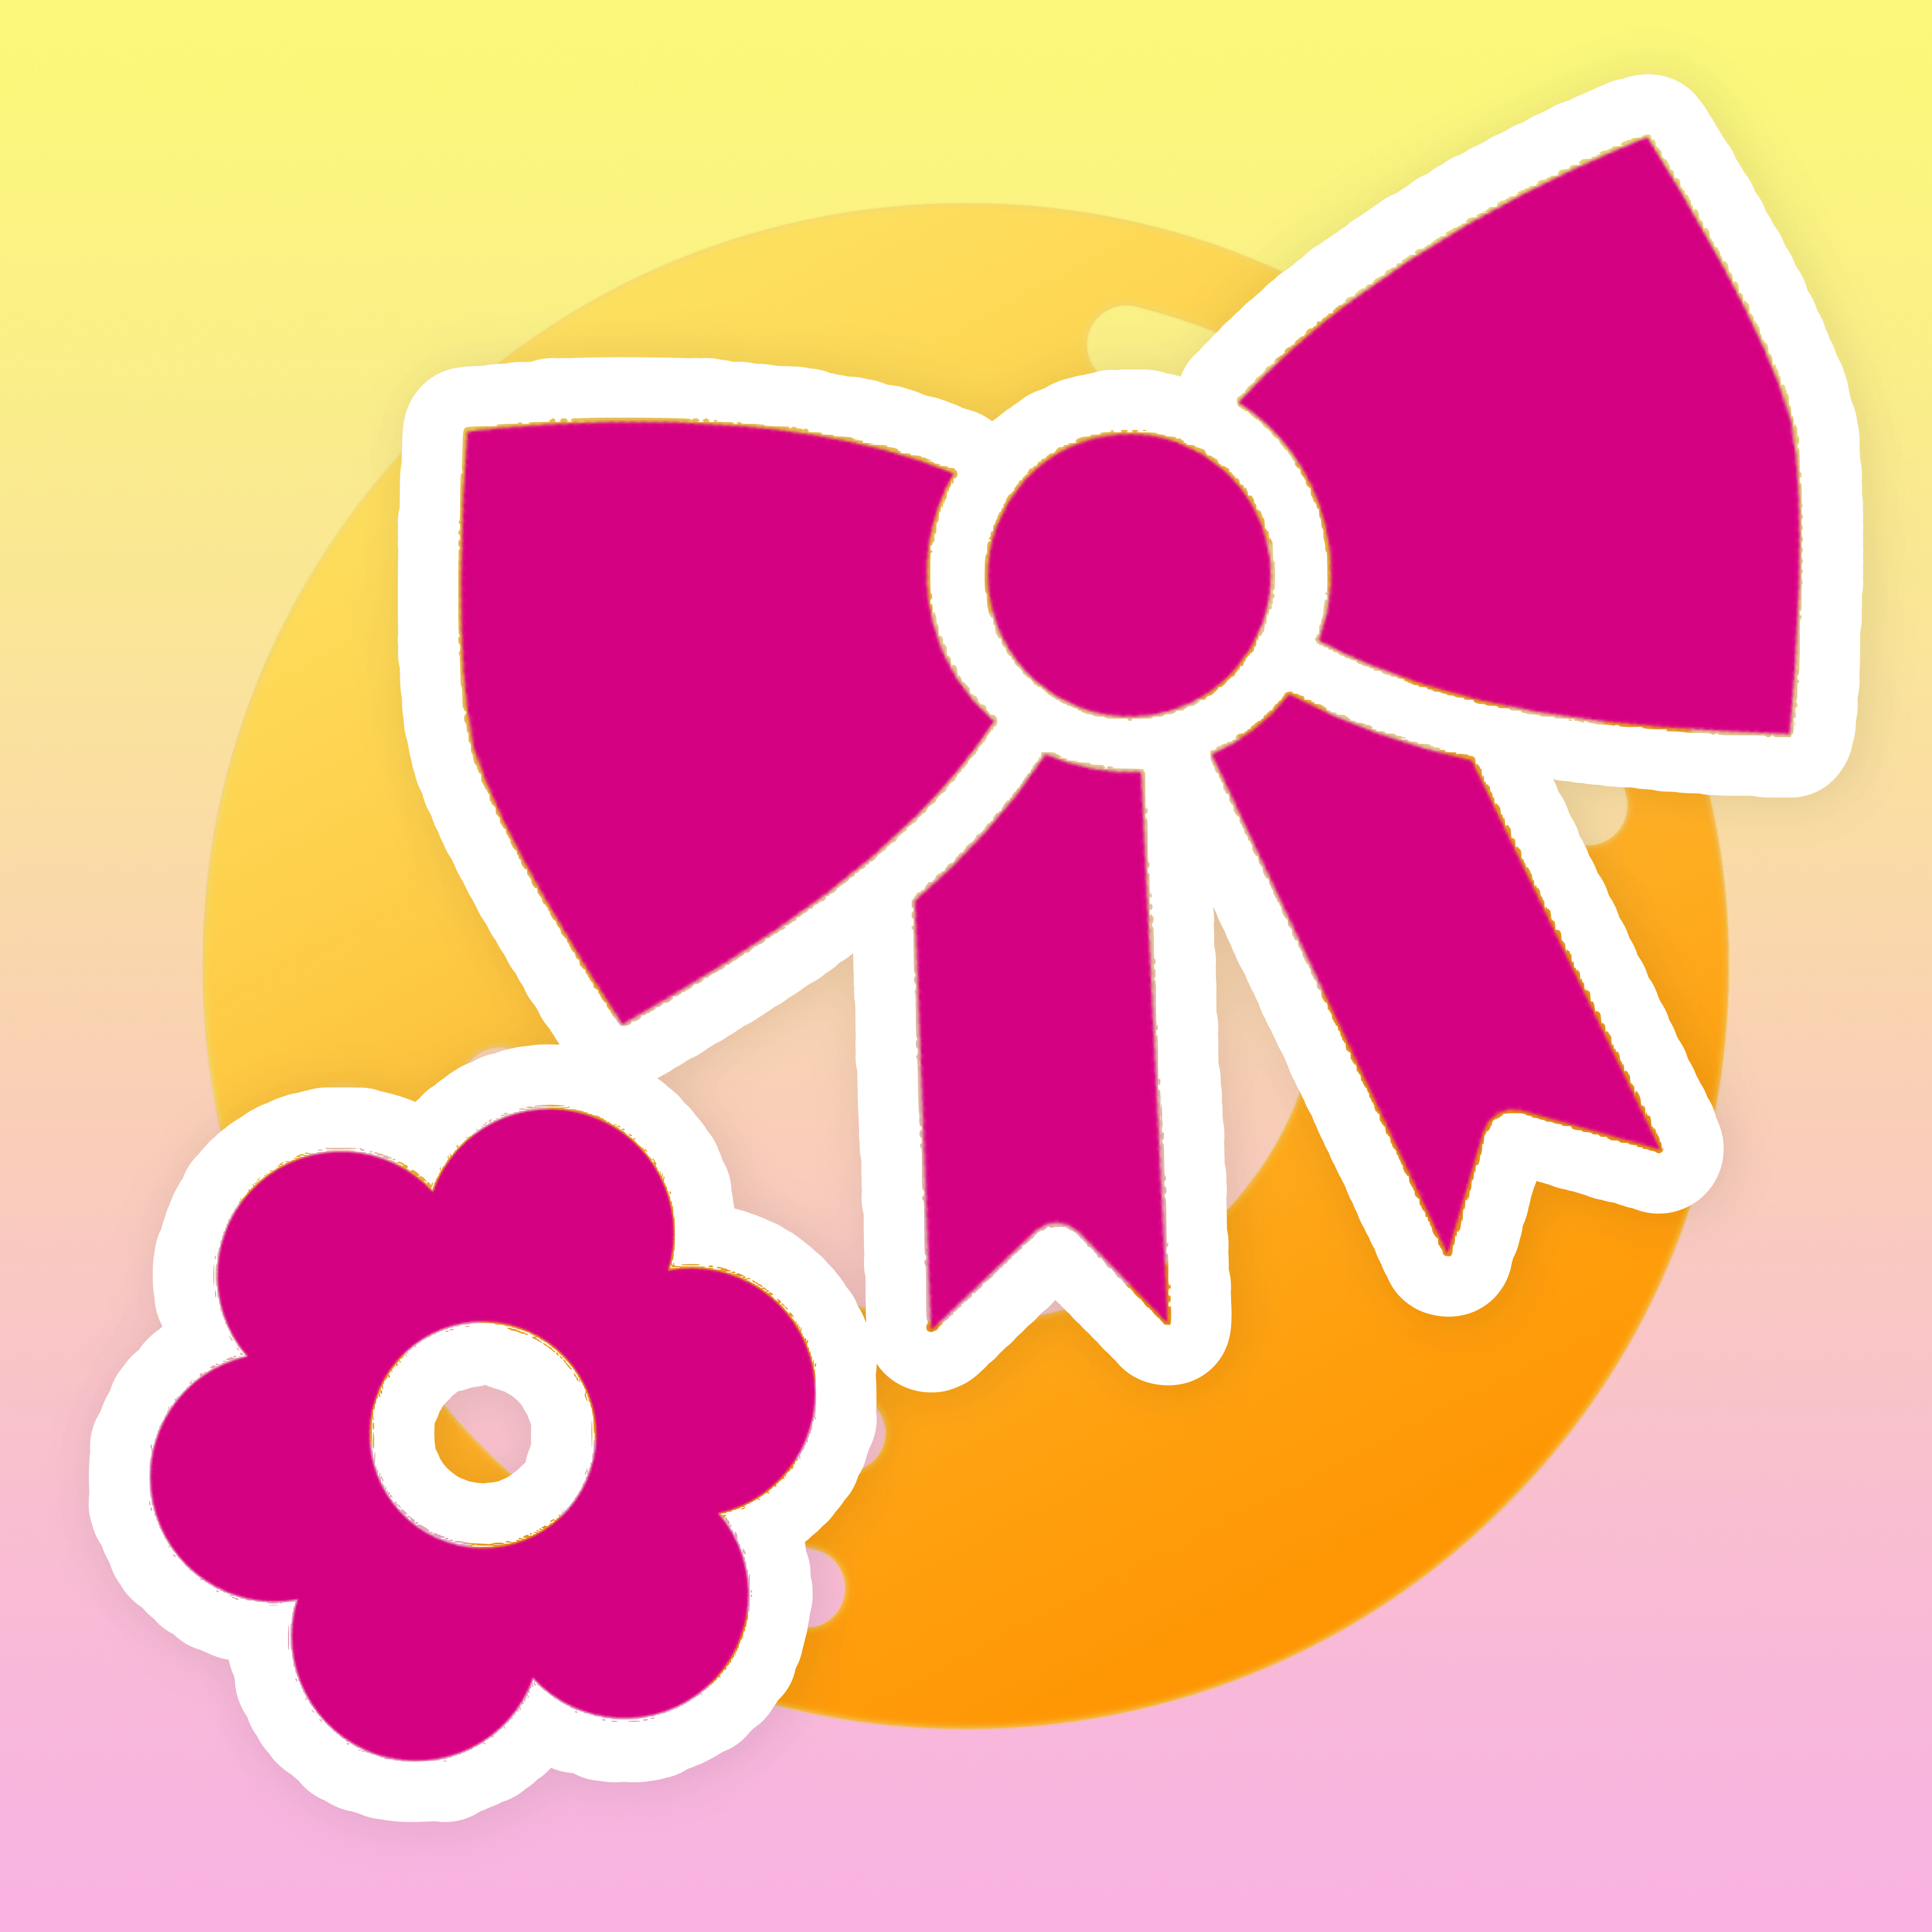 Stir-fry avatar